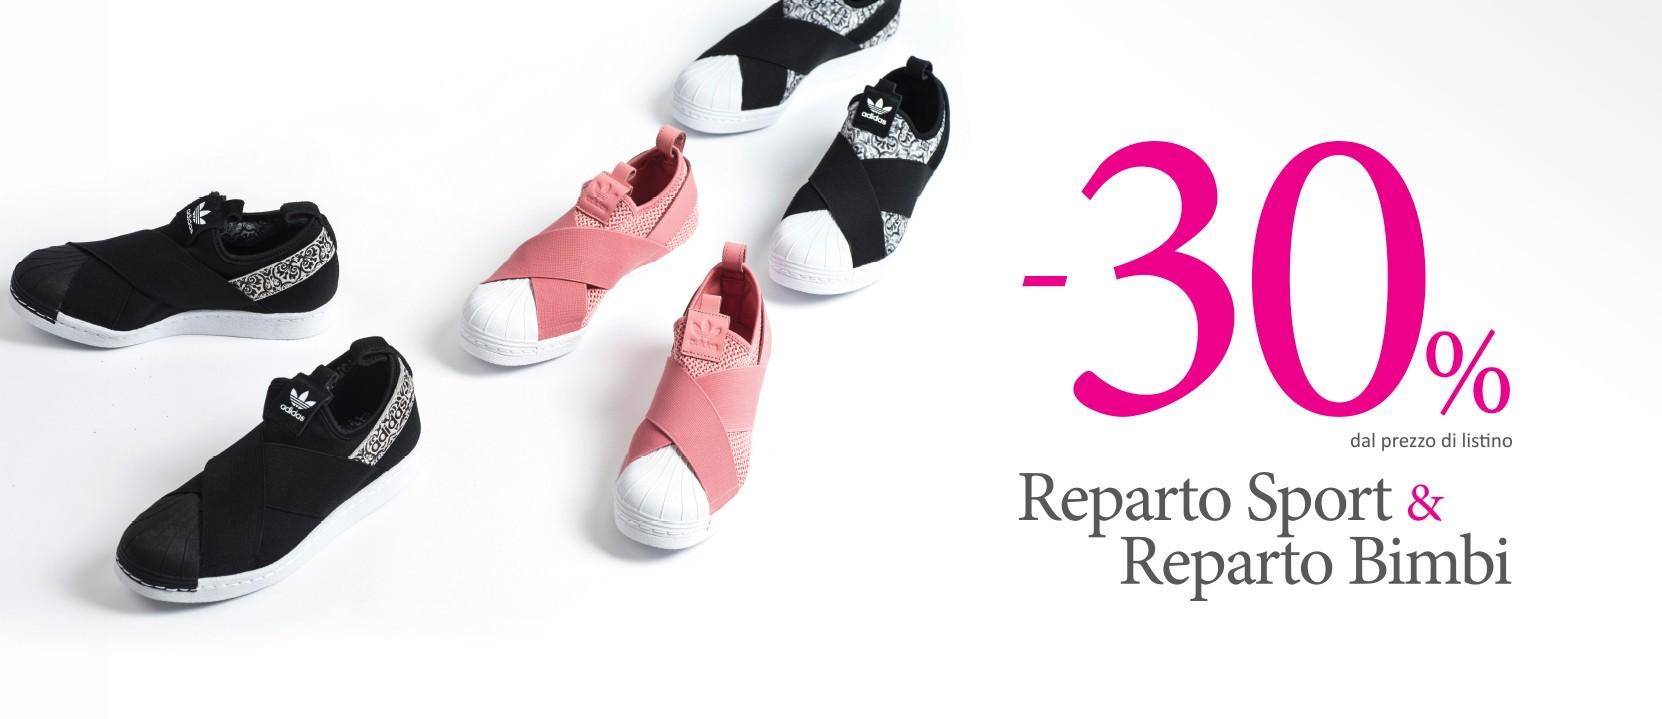 Sconto del -30% sulle calzature sport e bimbo